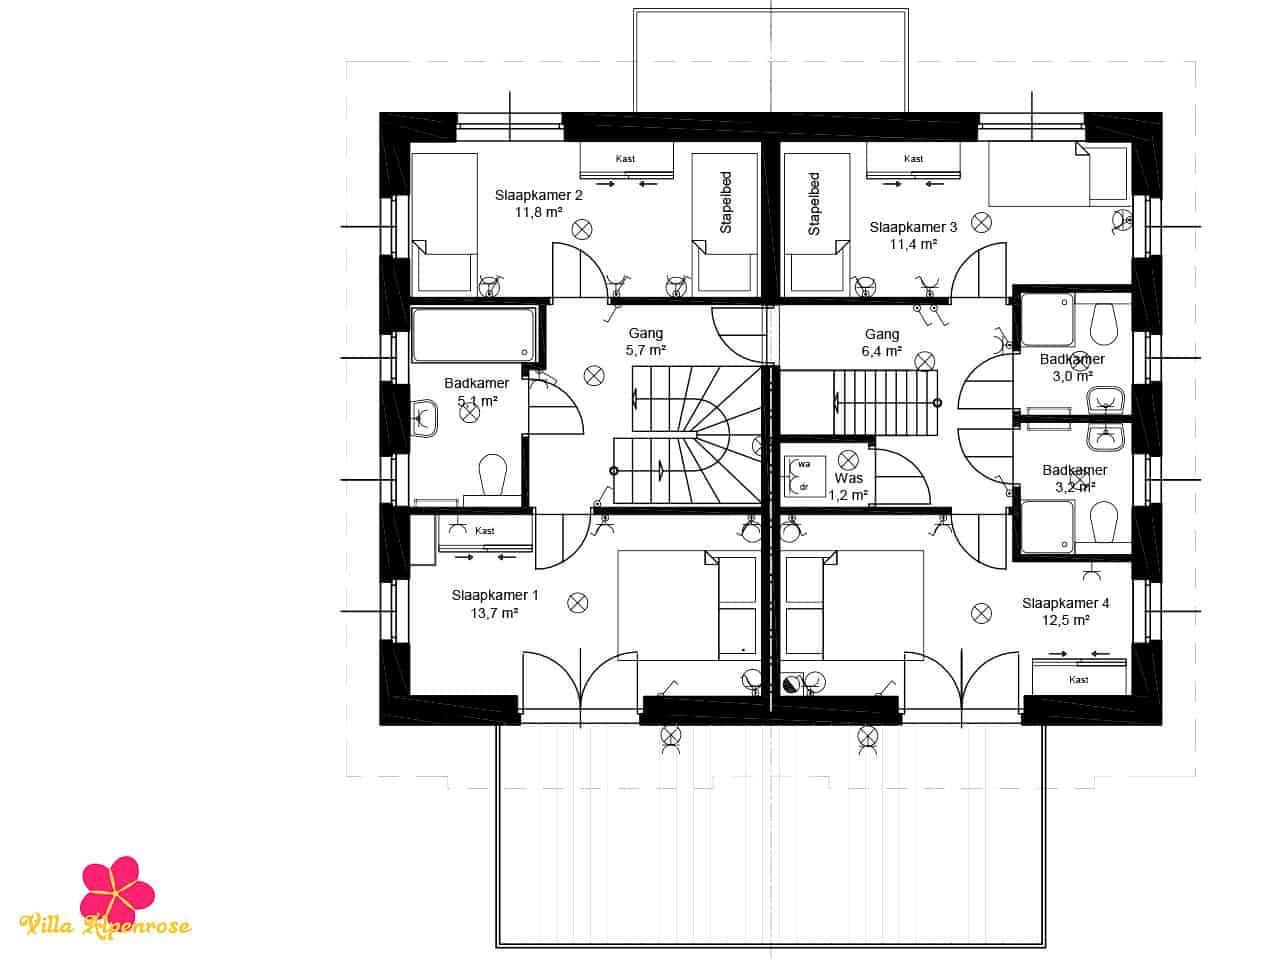 villa-alpenrose-plattegrond-eerste-verdieping